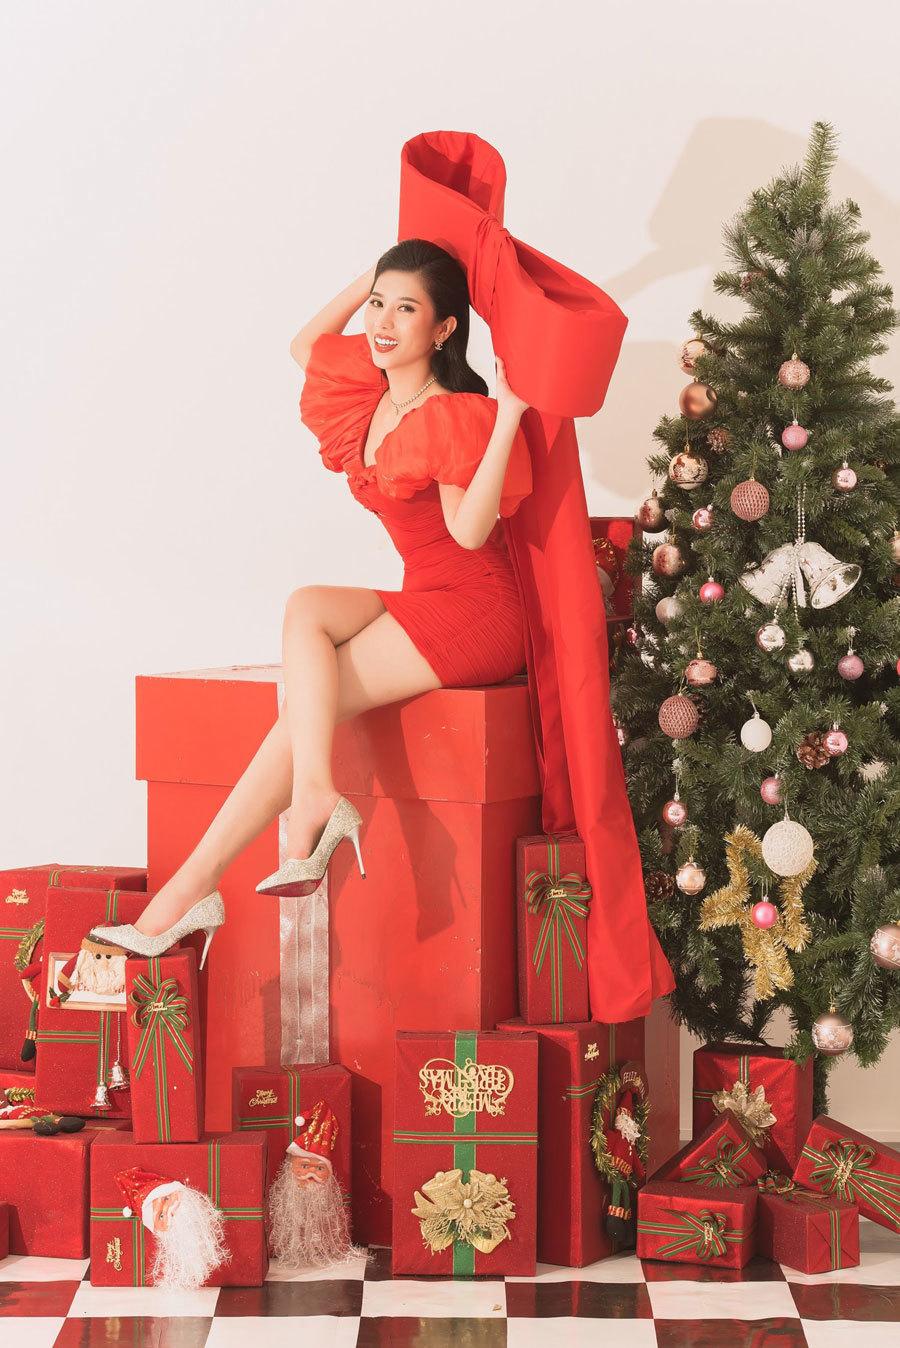 Tổng thể của bộ ảnh truyền tải không khí của mùa lễ hội với cây thông Noel, những hộp quà xinh xắn. Chính lợi thế là diễn xuất và tạo dáng nên việc thực hiện bộ ảnh không khó đối với nàng hậu.